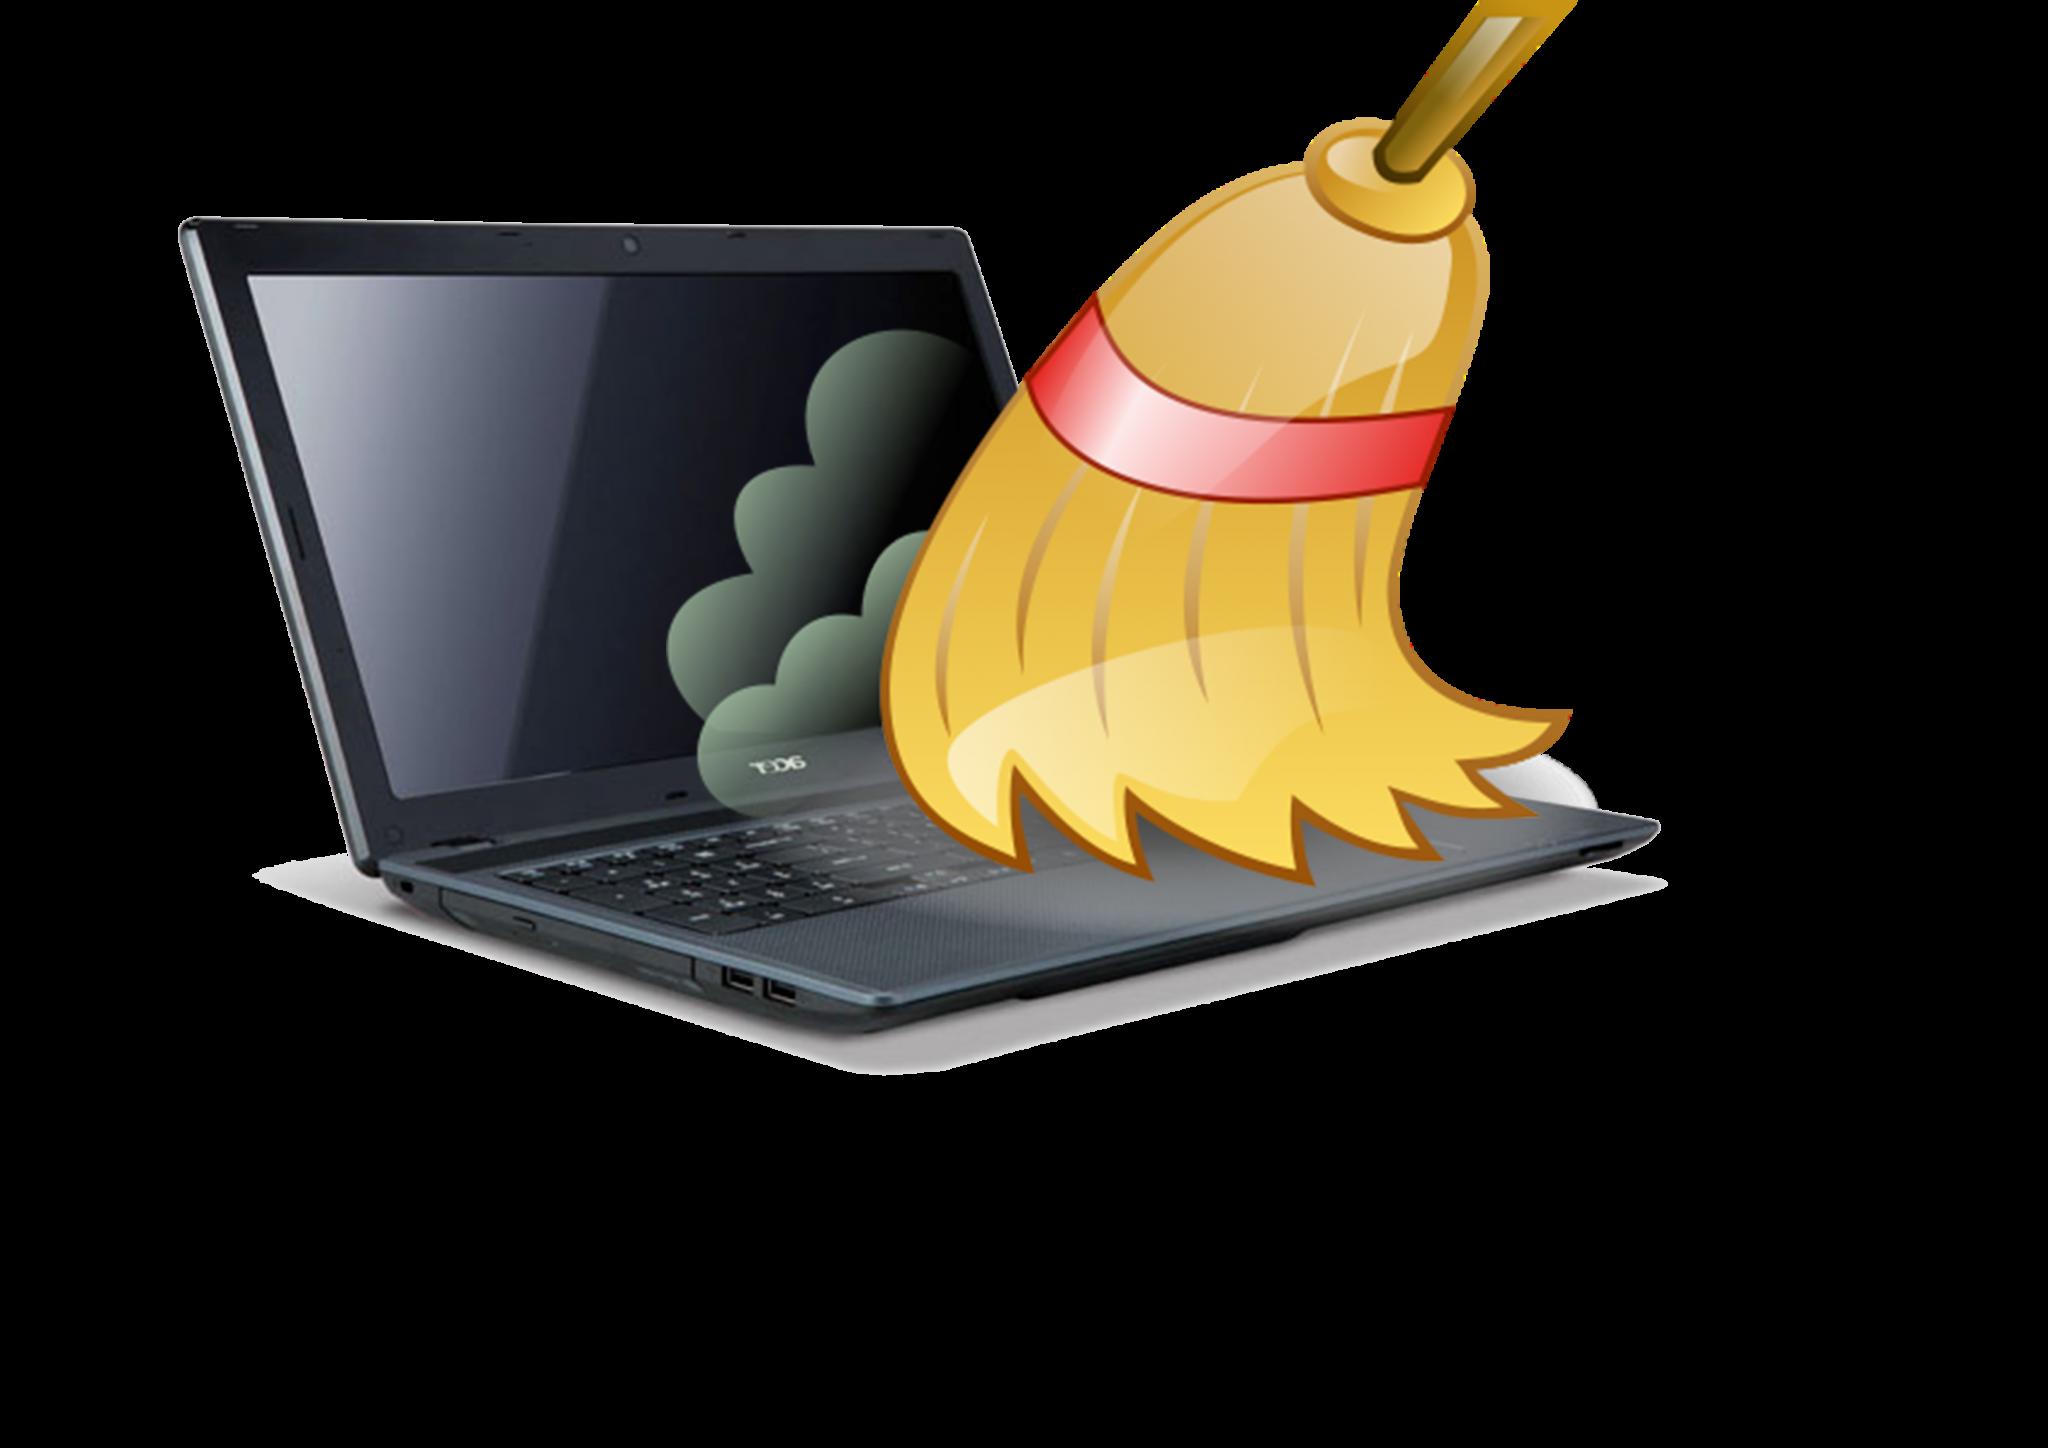 pulizia del proprio computer